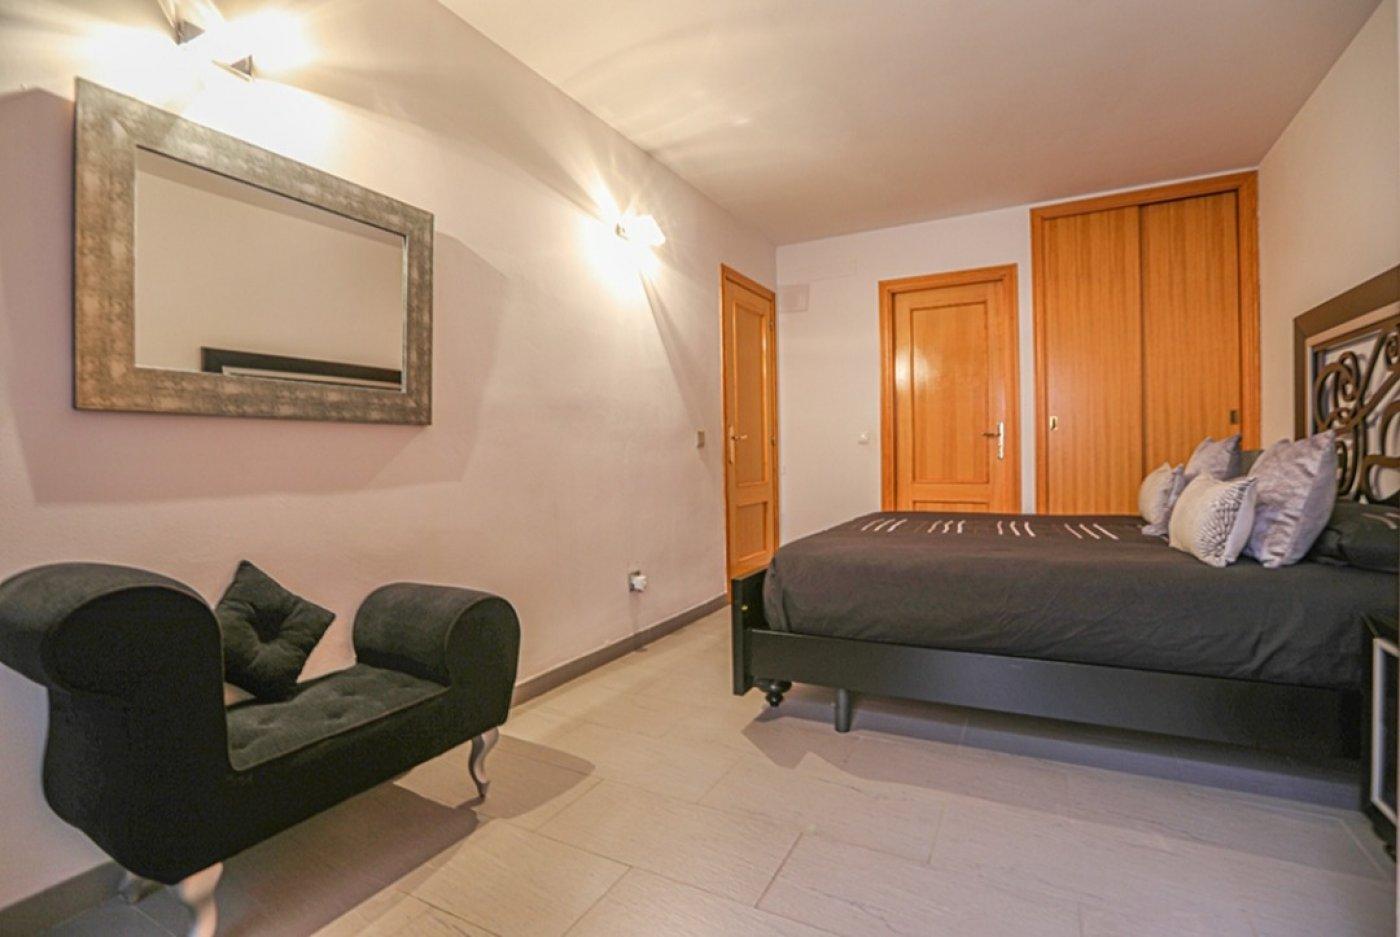 Se vende bonito apartamento semi nuevo con parking en andratx - imagenInmueble15